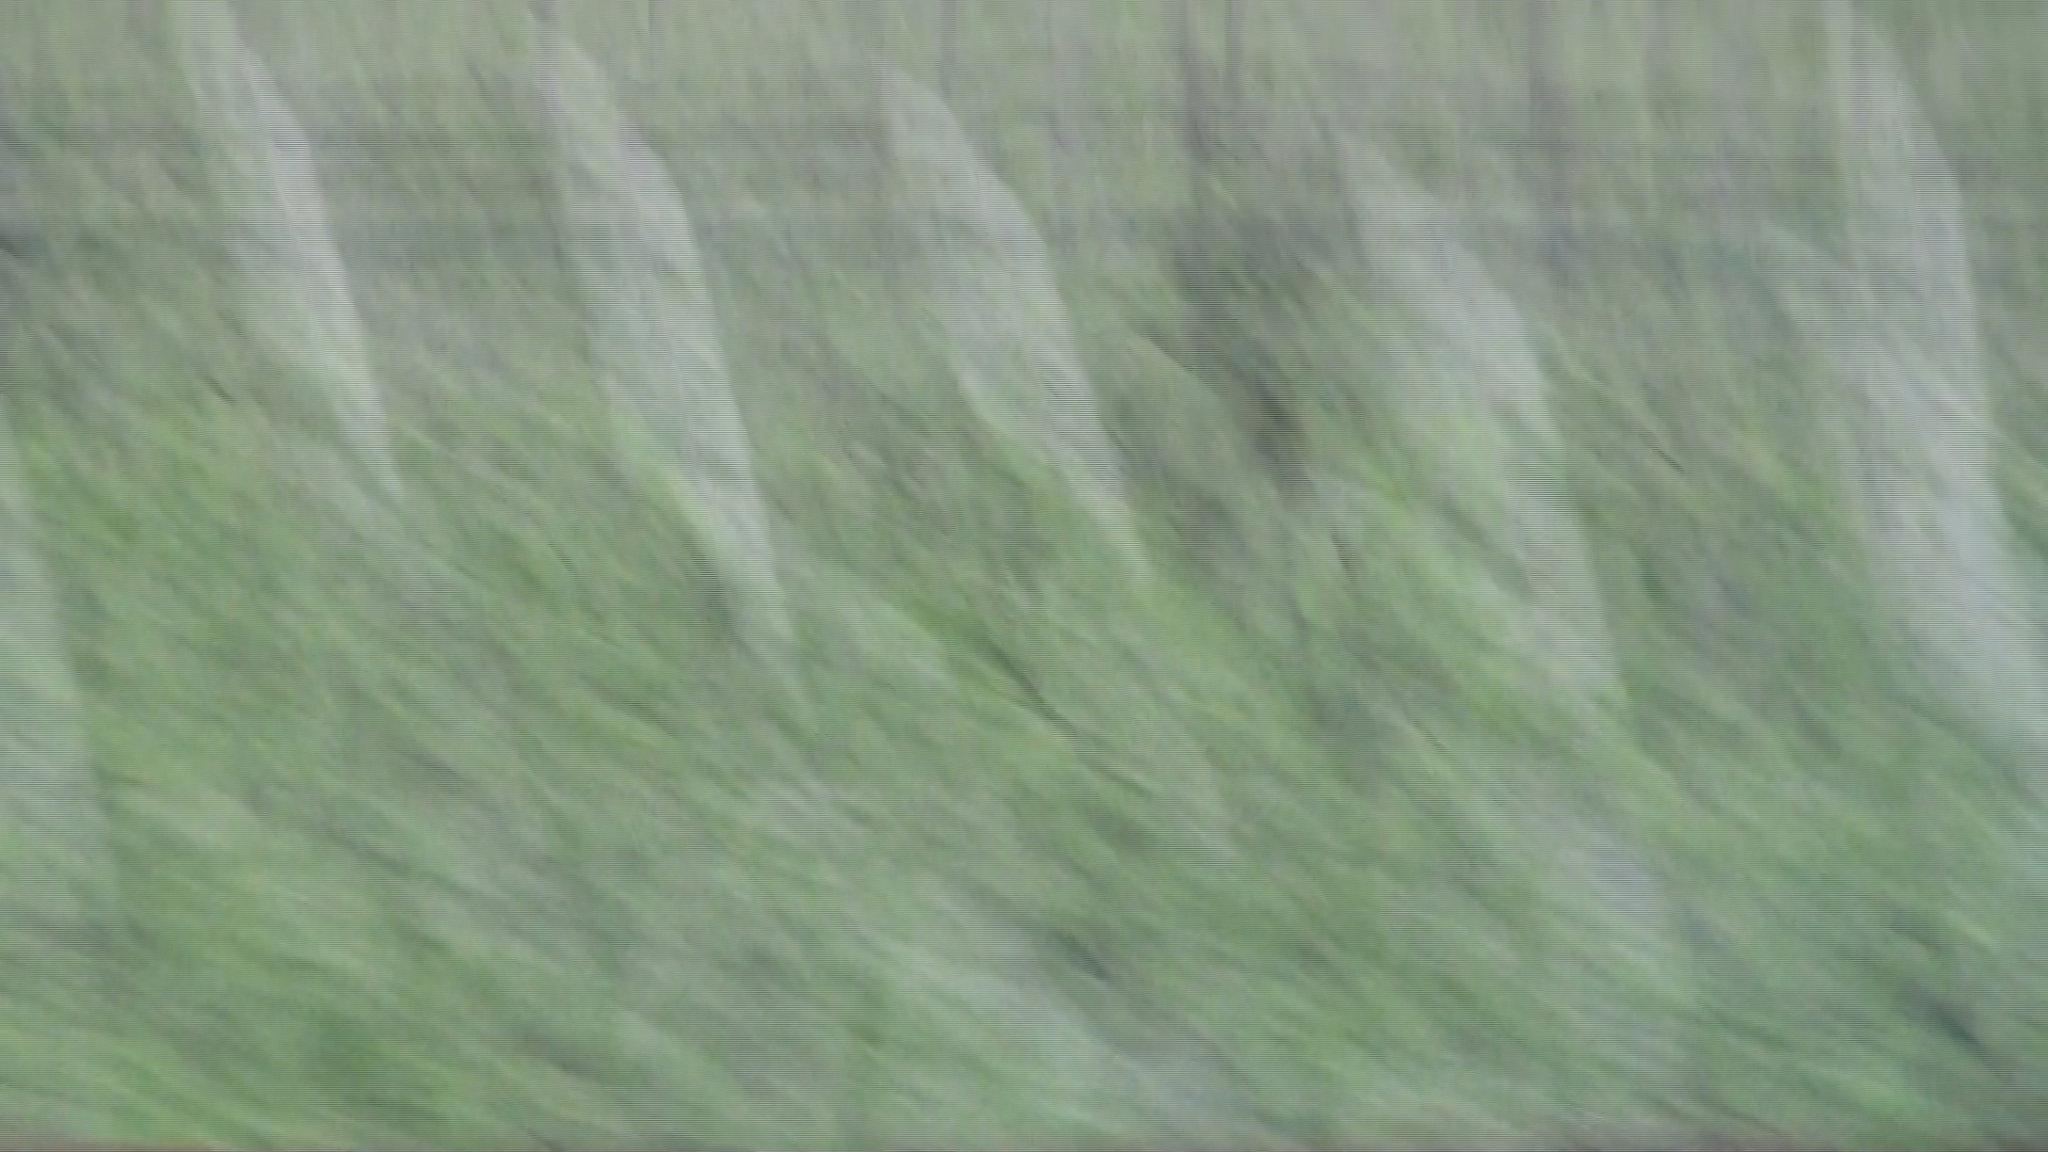 Screen Shot 2014-02-10 at 10.42.52 PM.png